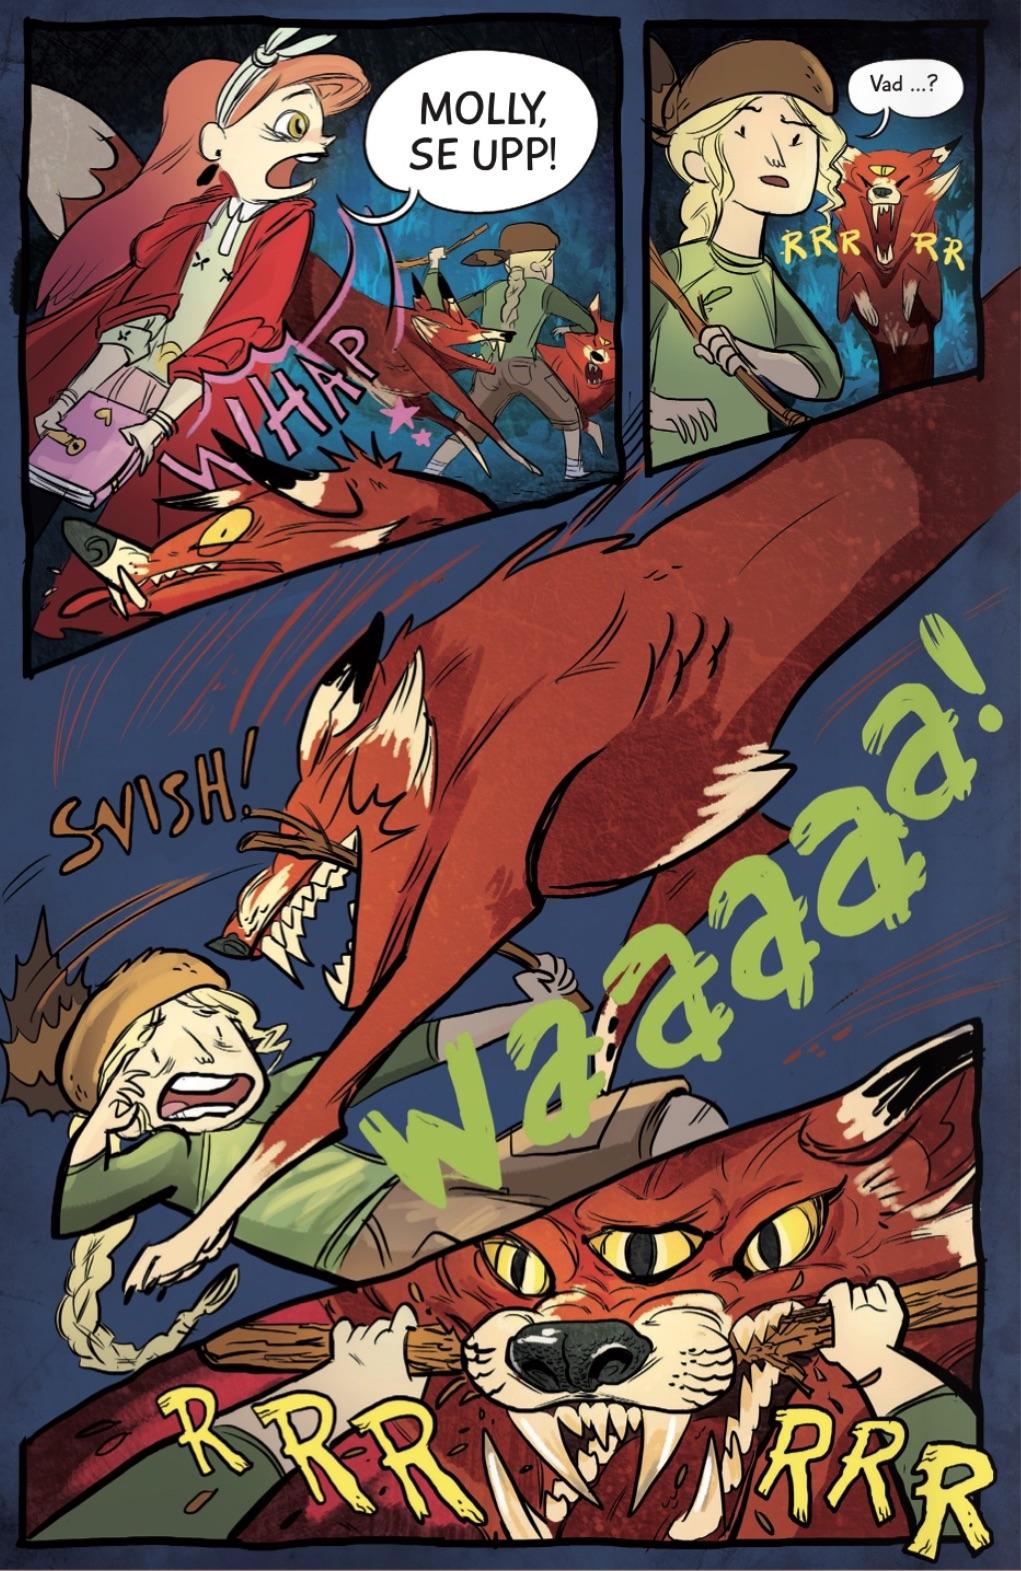 vildmarks-systrar - katten loori flyr